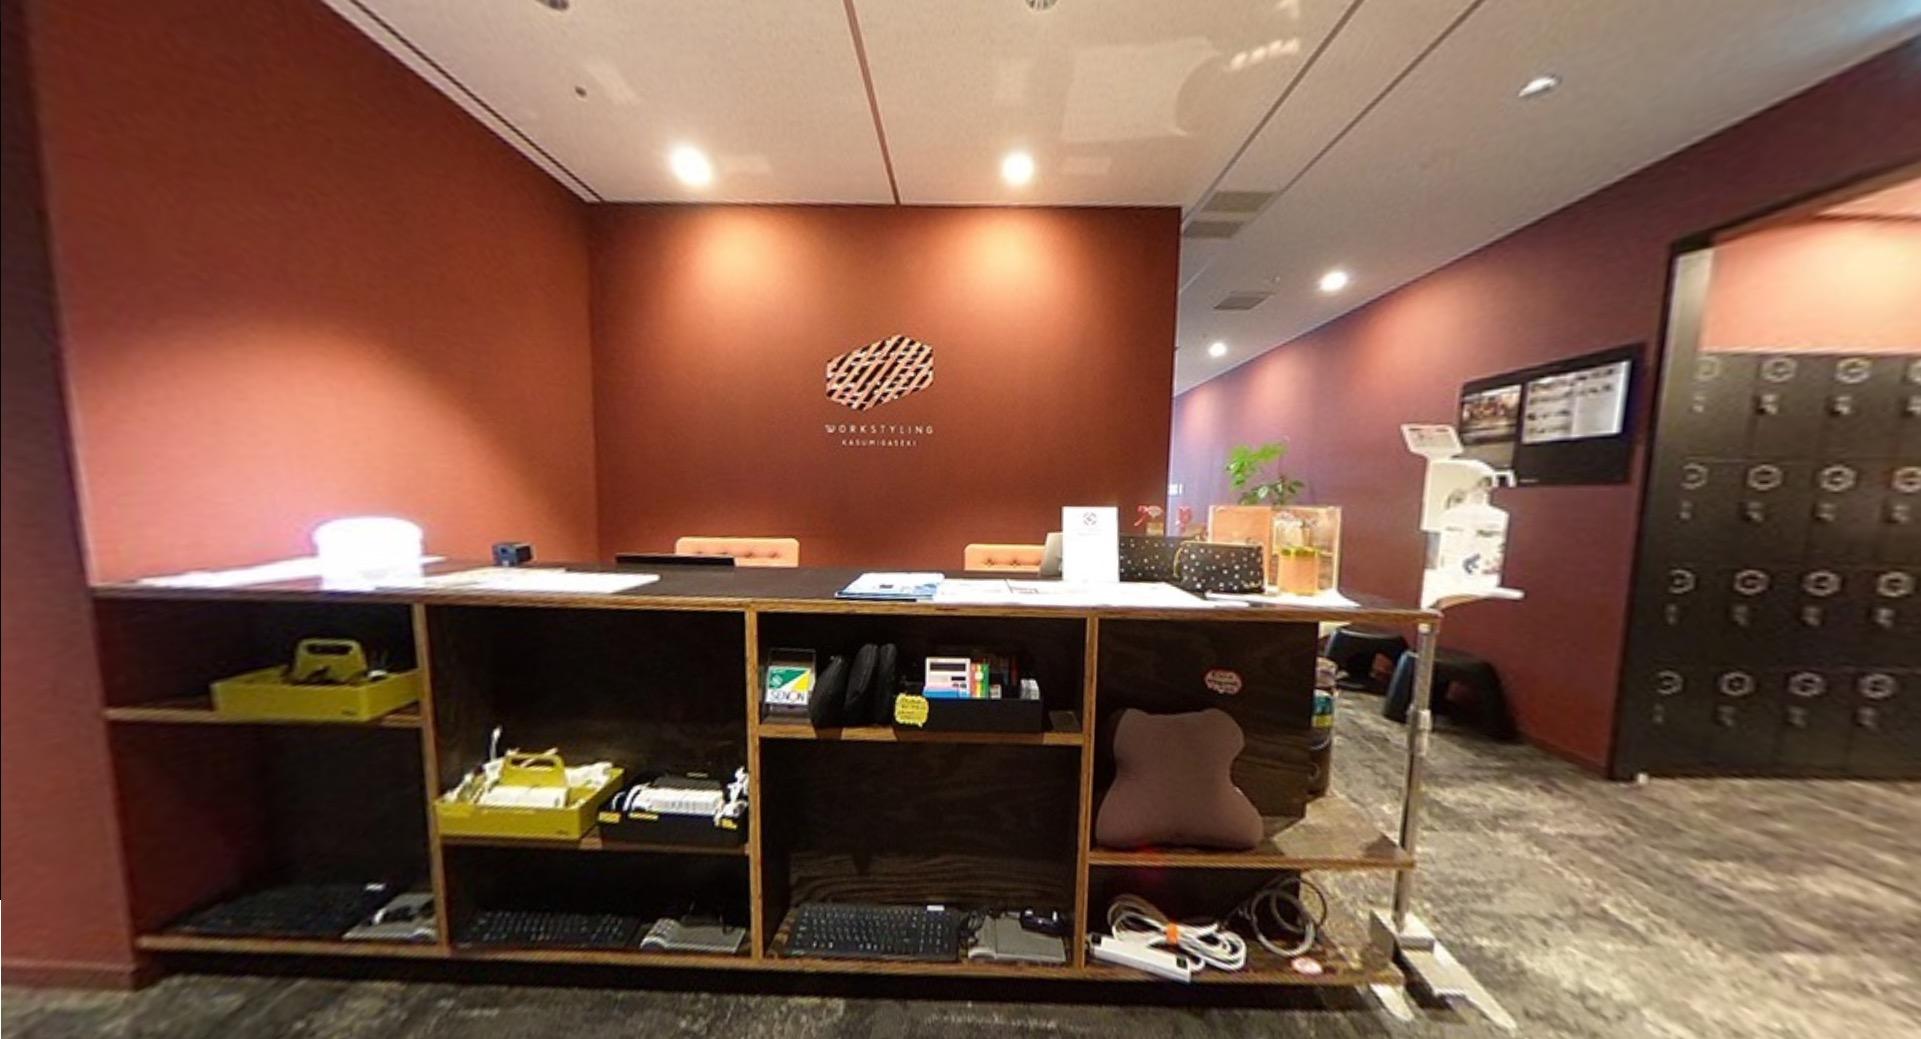 ワークスタイリング霞が関のオフィス内部の画像「フロント」